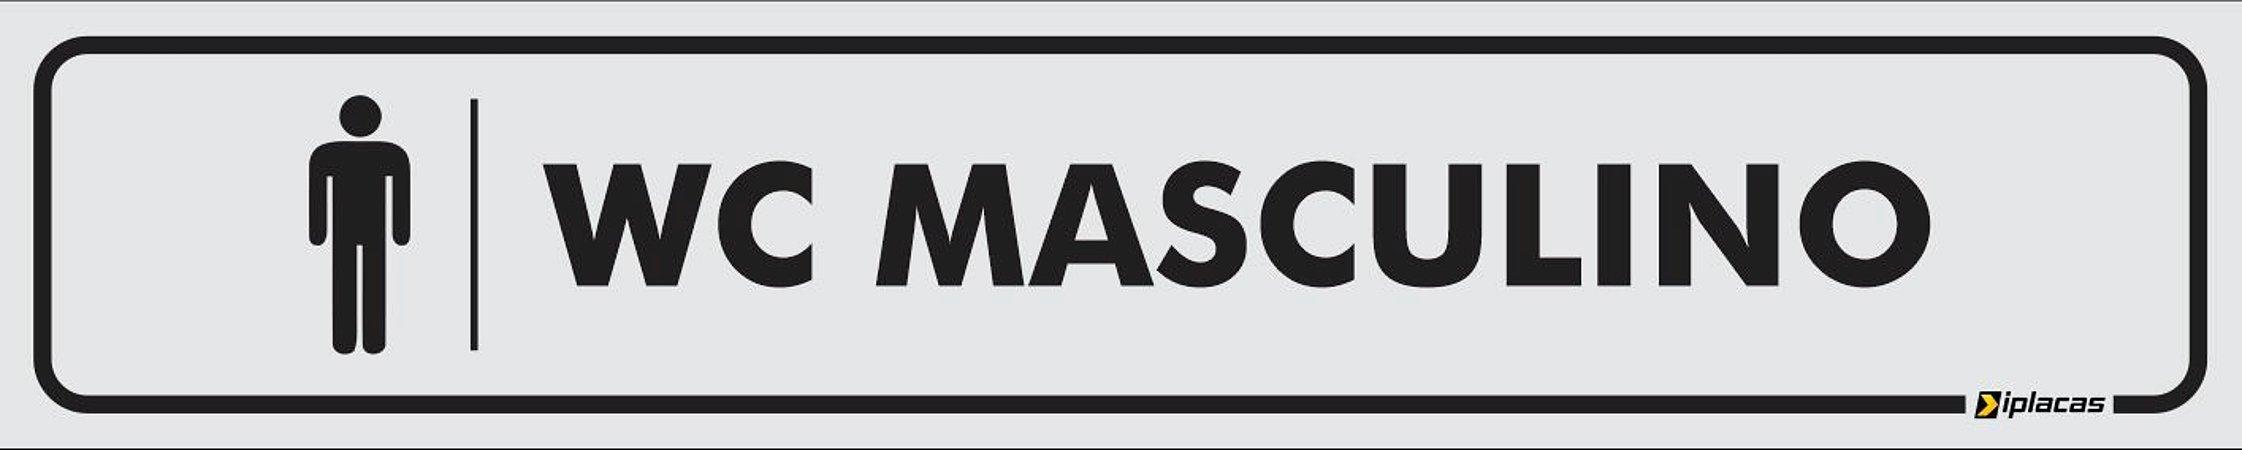 Placa - Identificação - WC Masculino  - 25x5cm